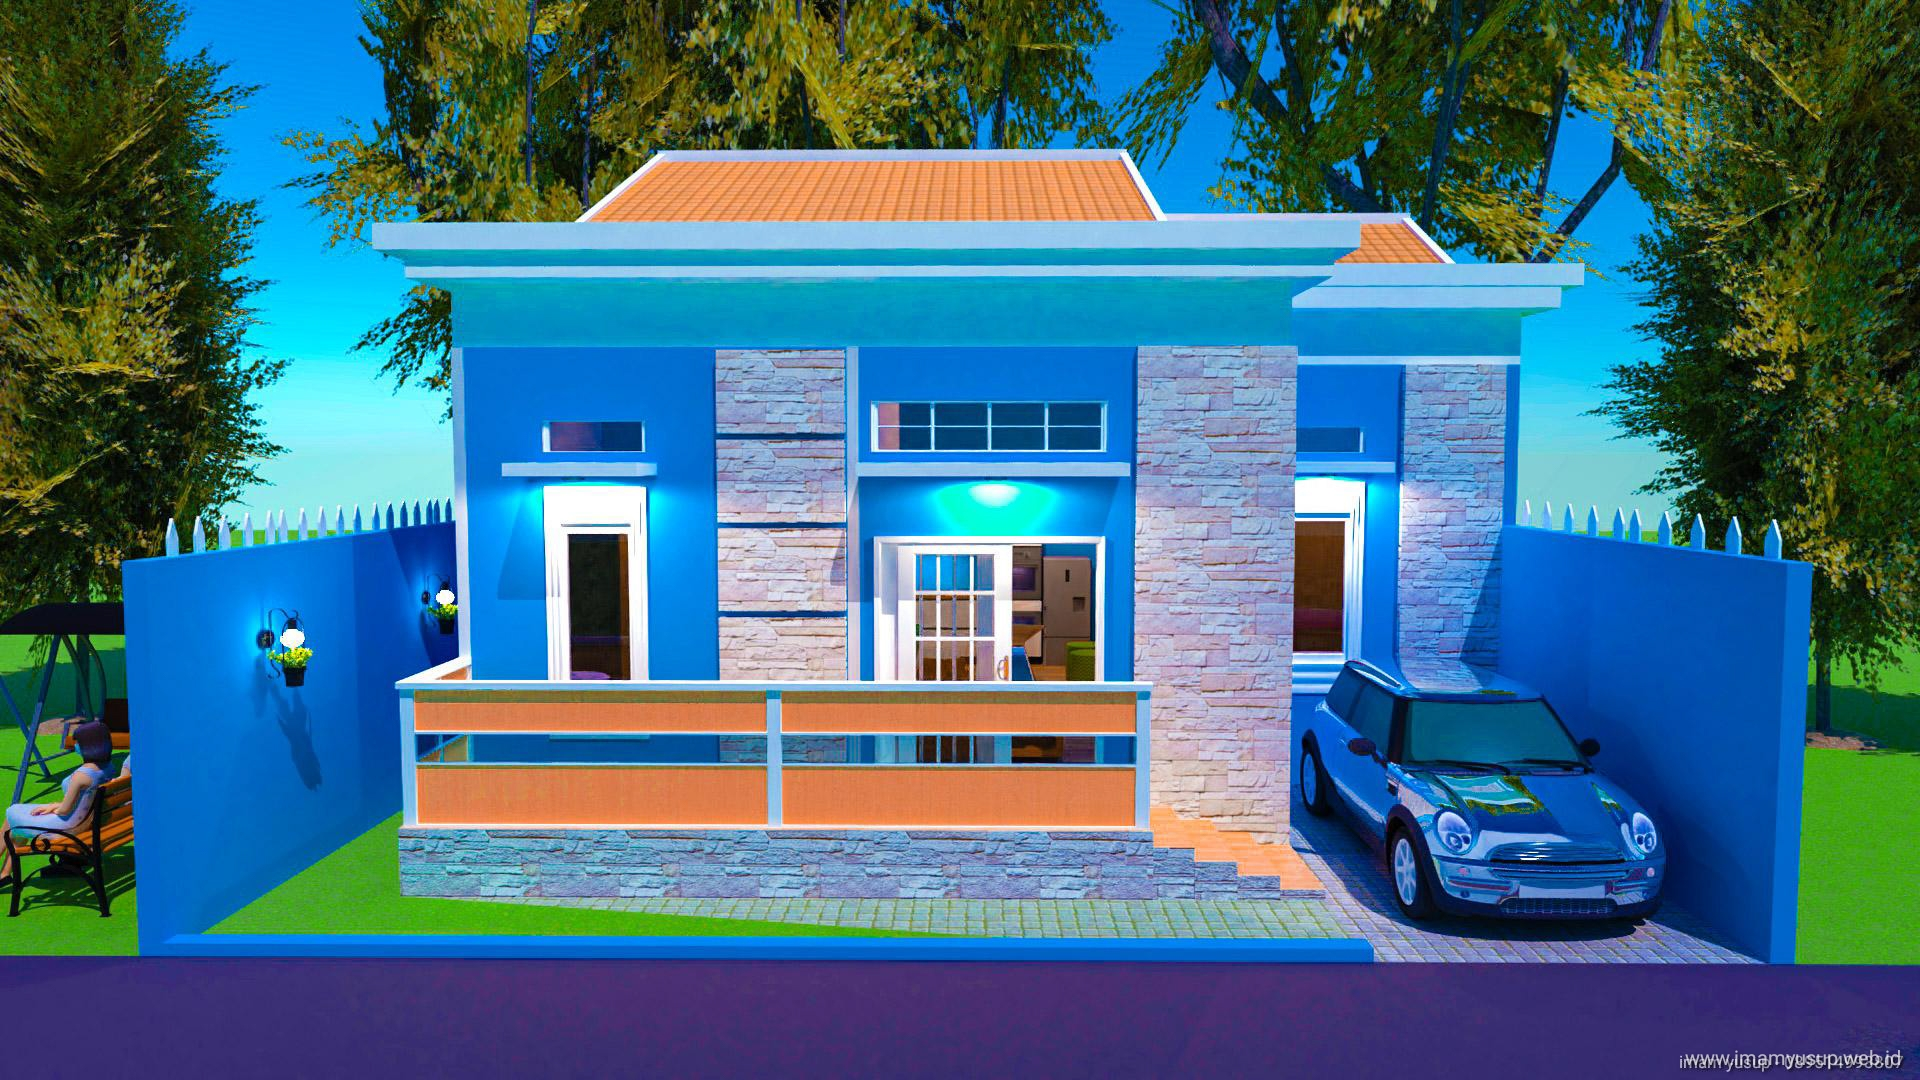 Desain Rumah Minimalis Ukuran Keseluruhan Bangunan 10x10 Home Design Imam Yusup